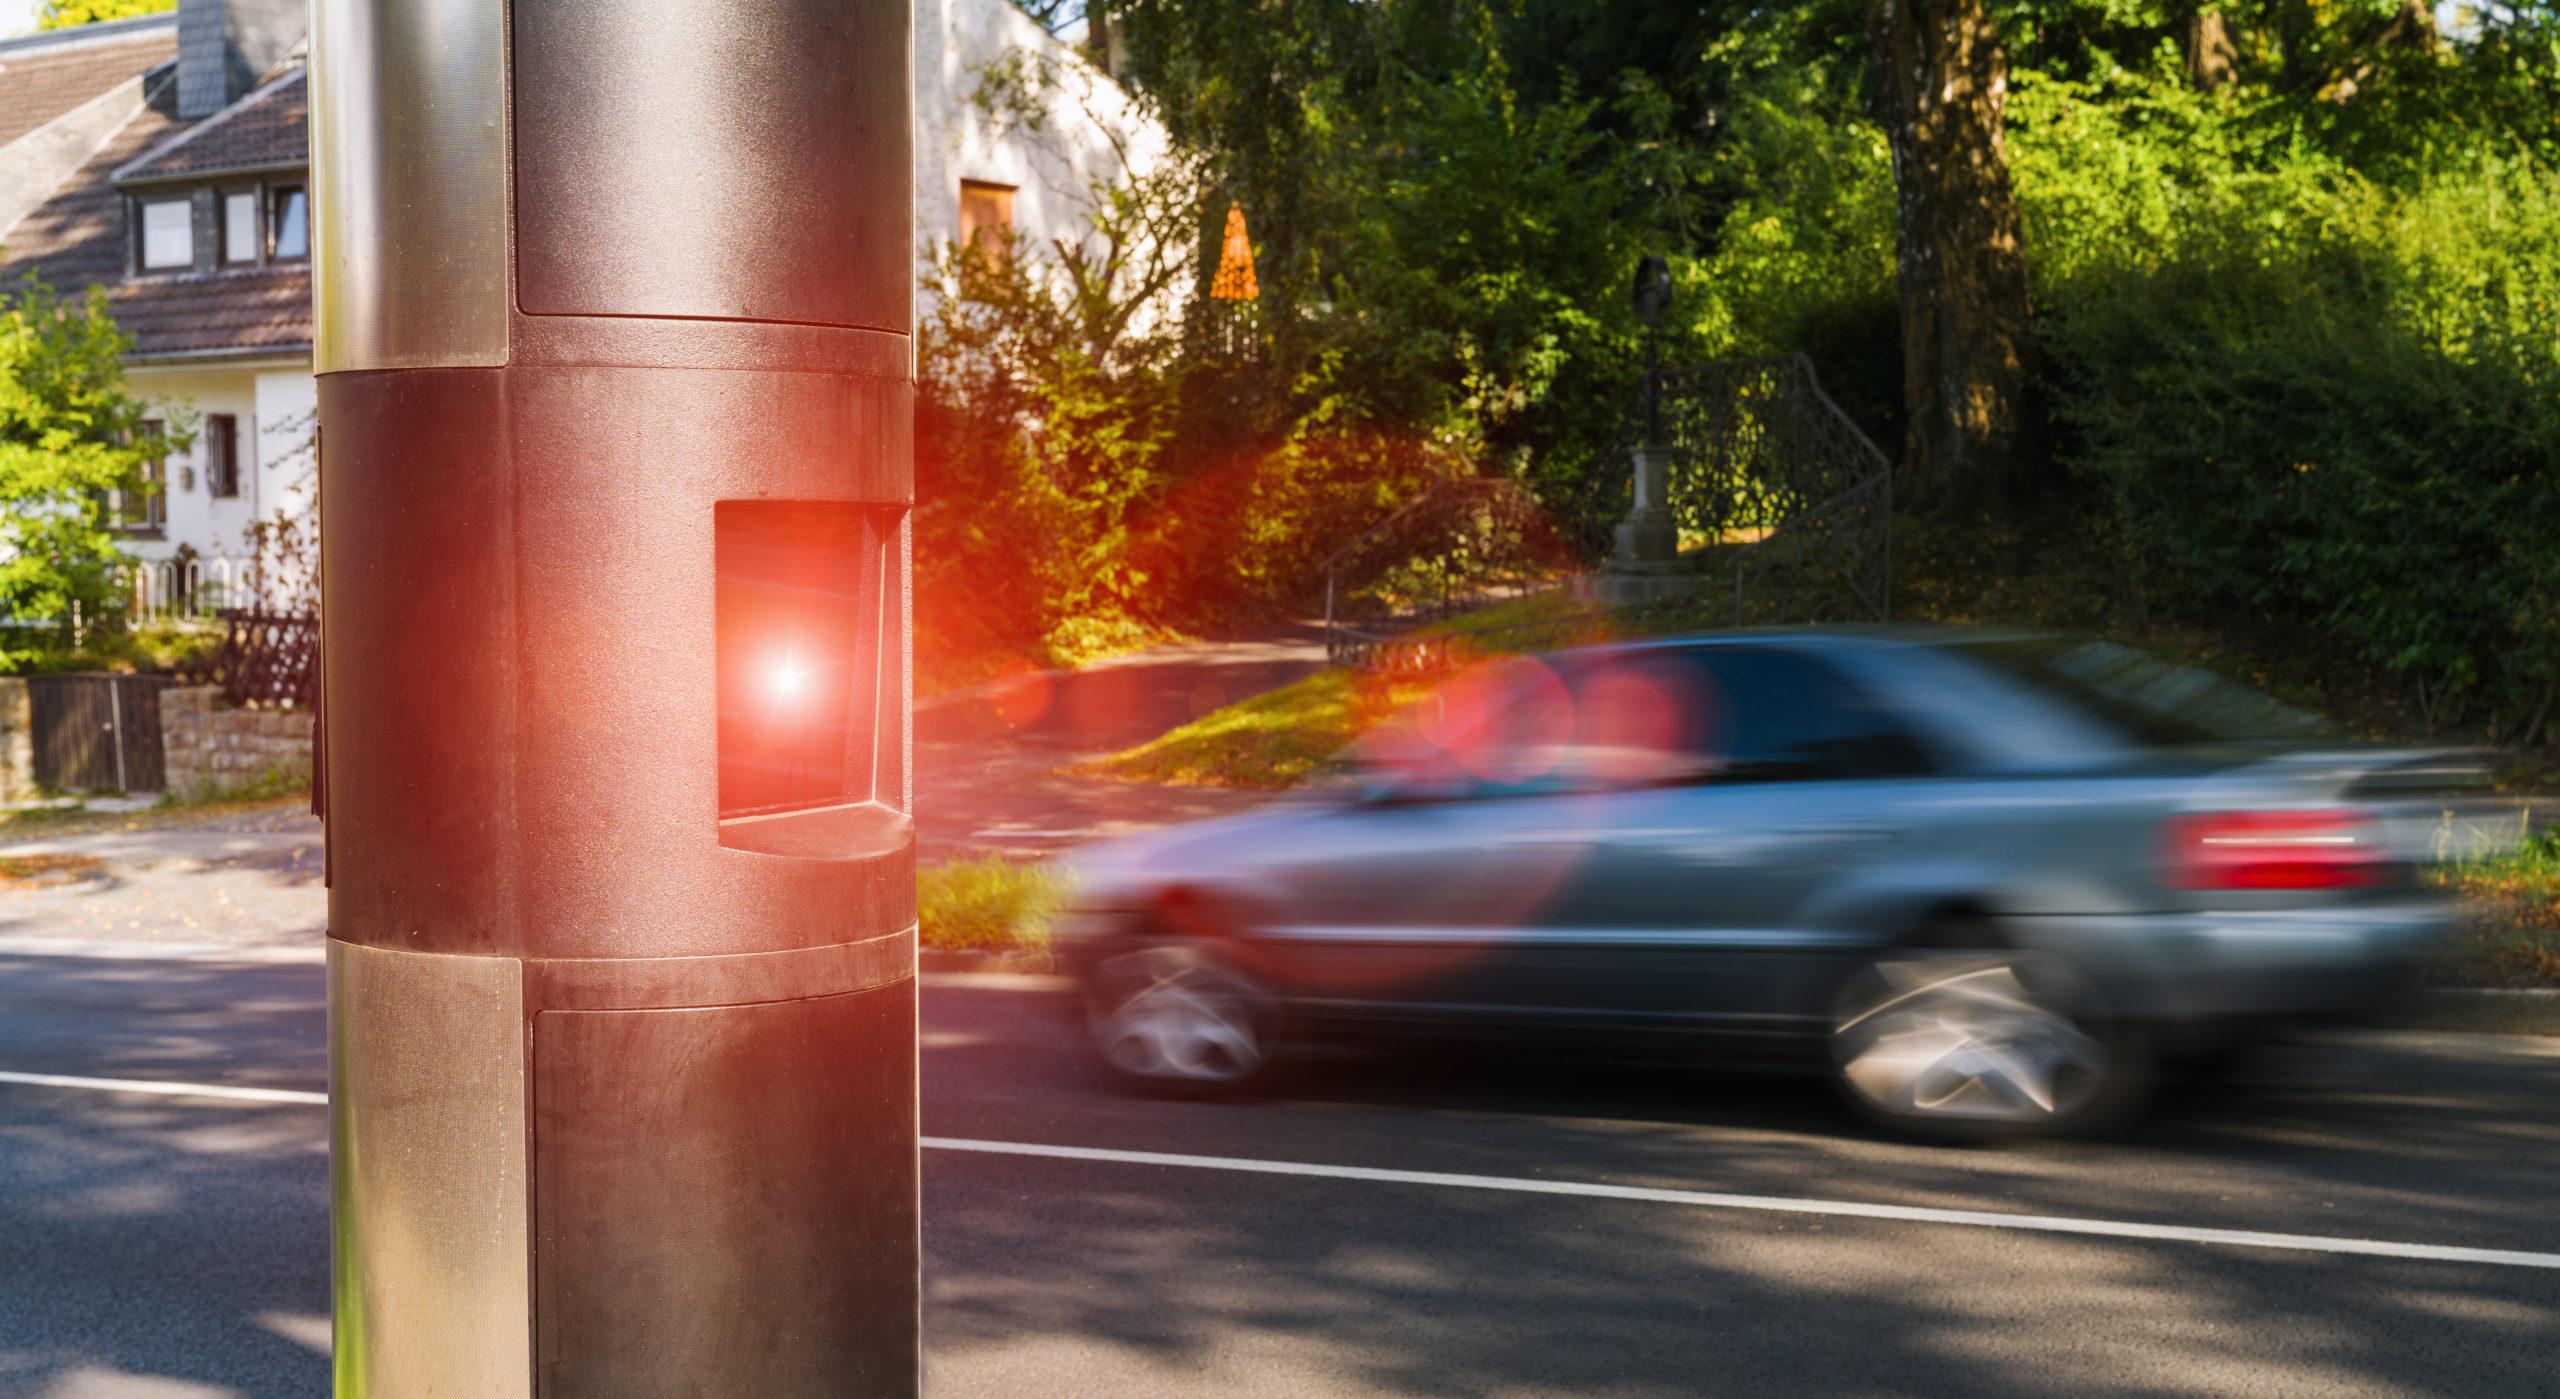 Neuer Bußgeldkatalog 2020: ein schnelles Auto wird von einem Blitzer fotografiert.